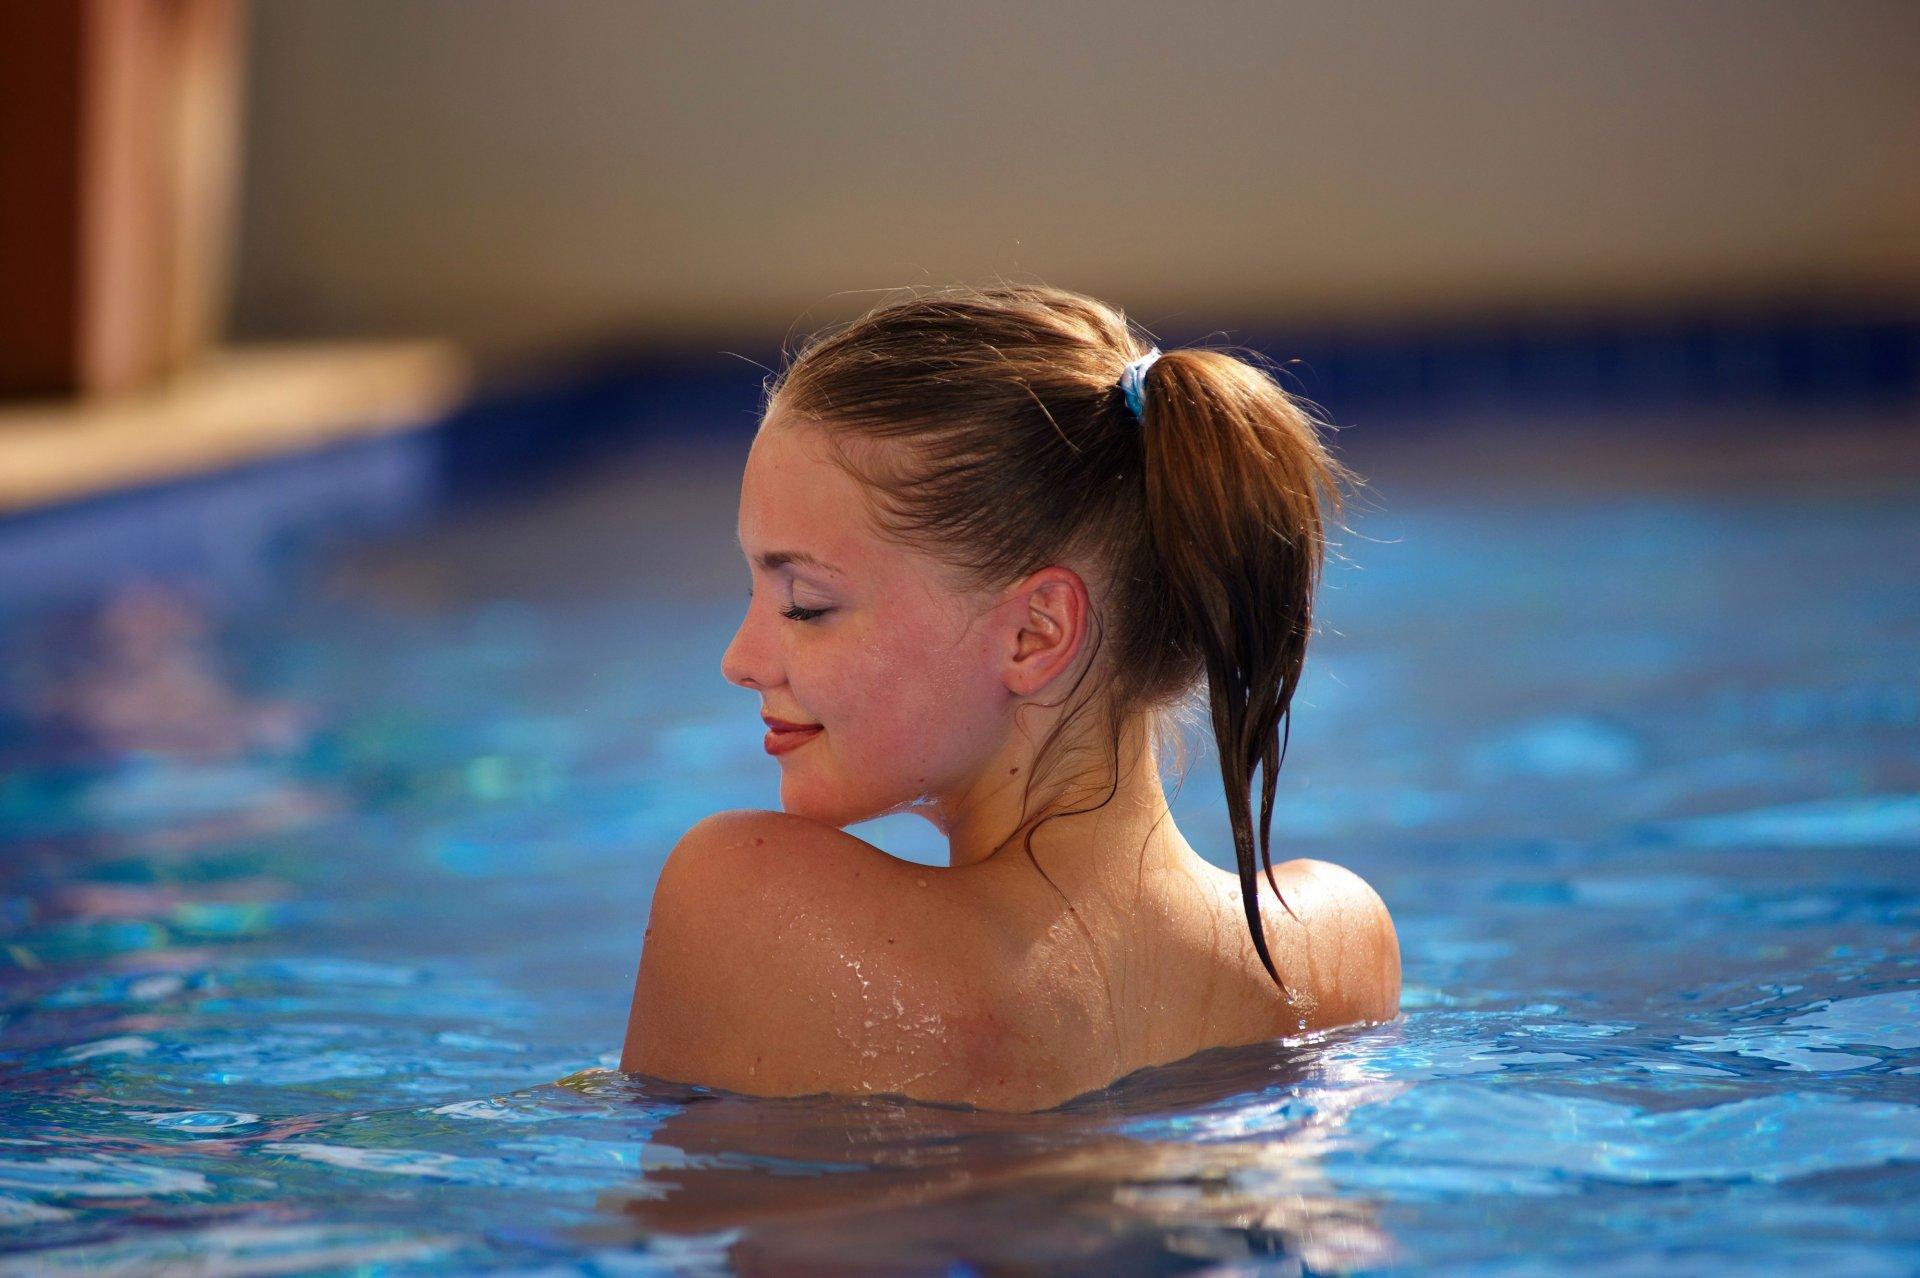 Фото девушек у бассейна можешь